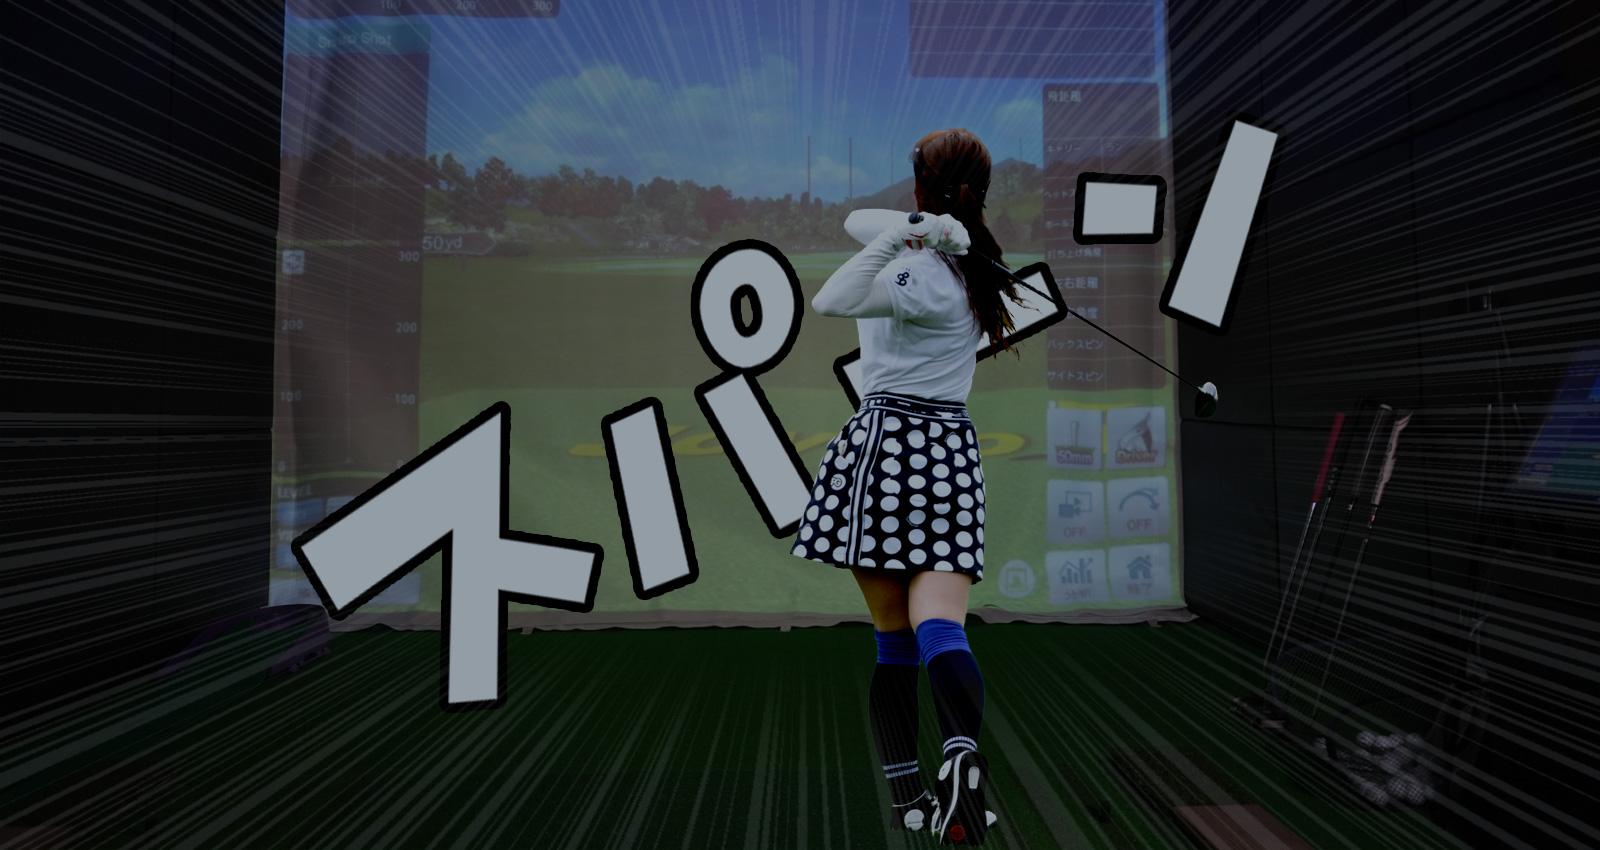 広島のゴルフバー relation.Gの遊び方